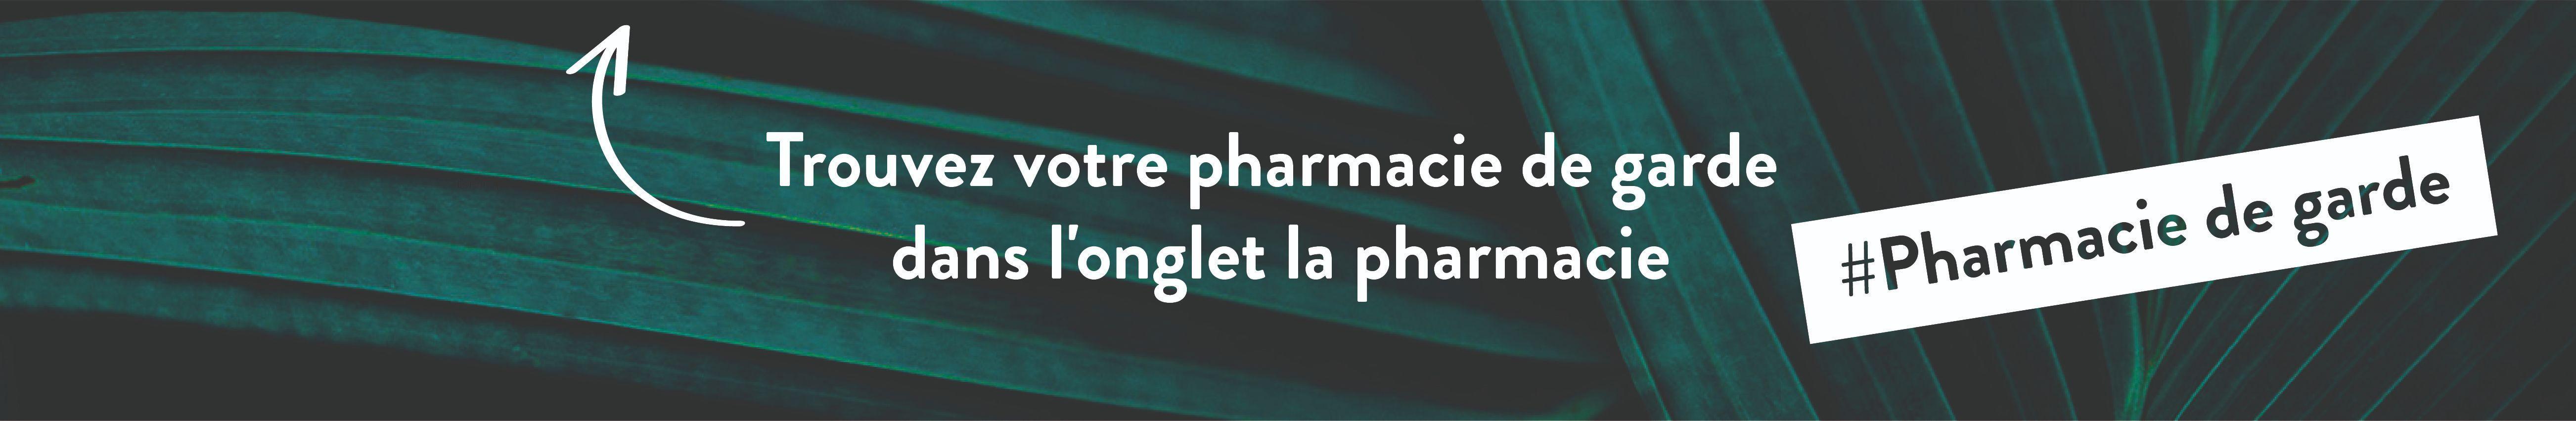 Bannière Pharmacies de garde